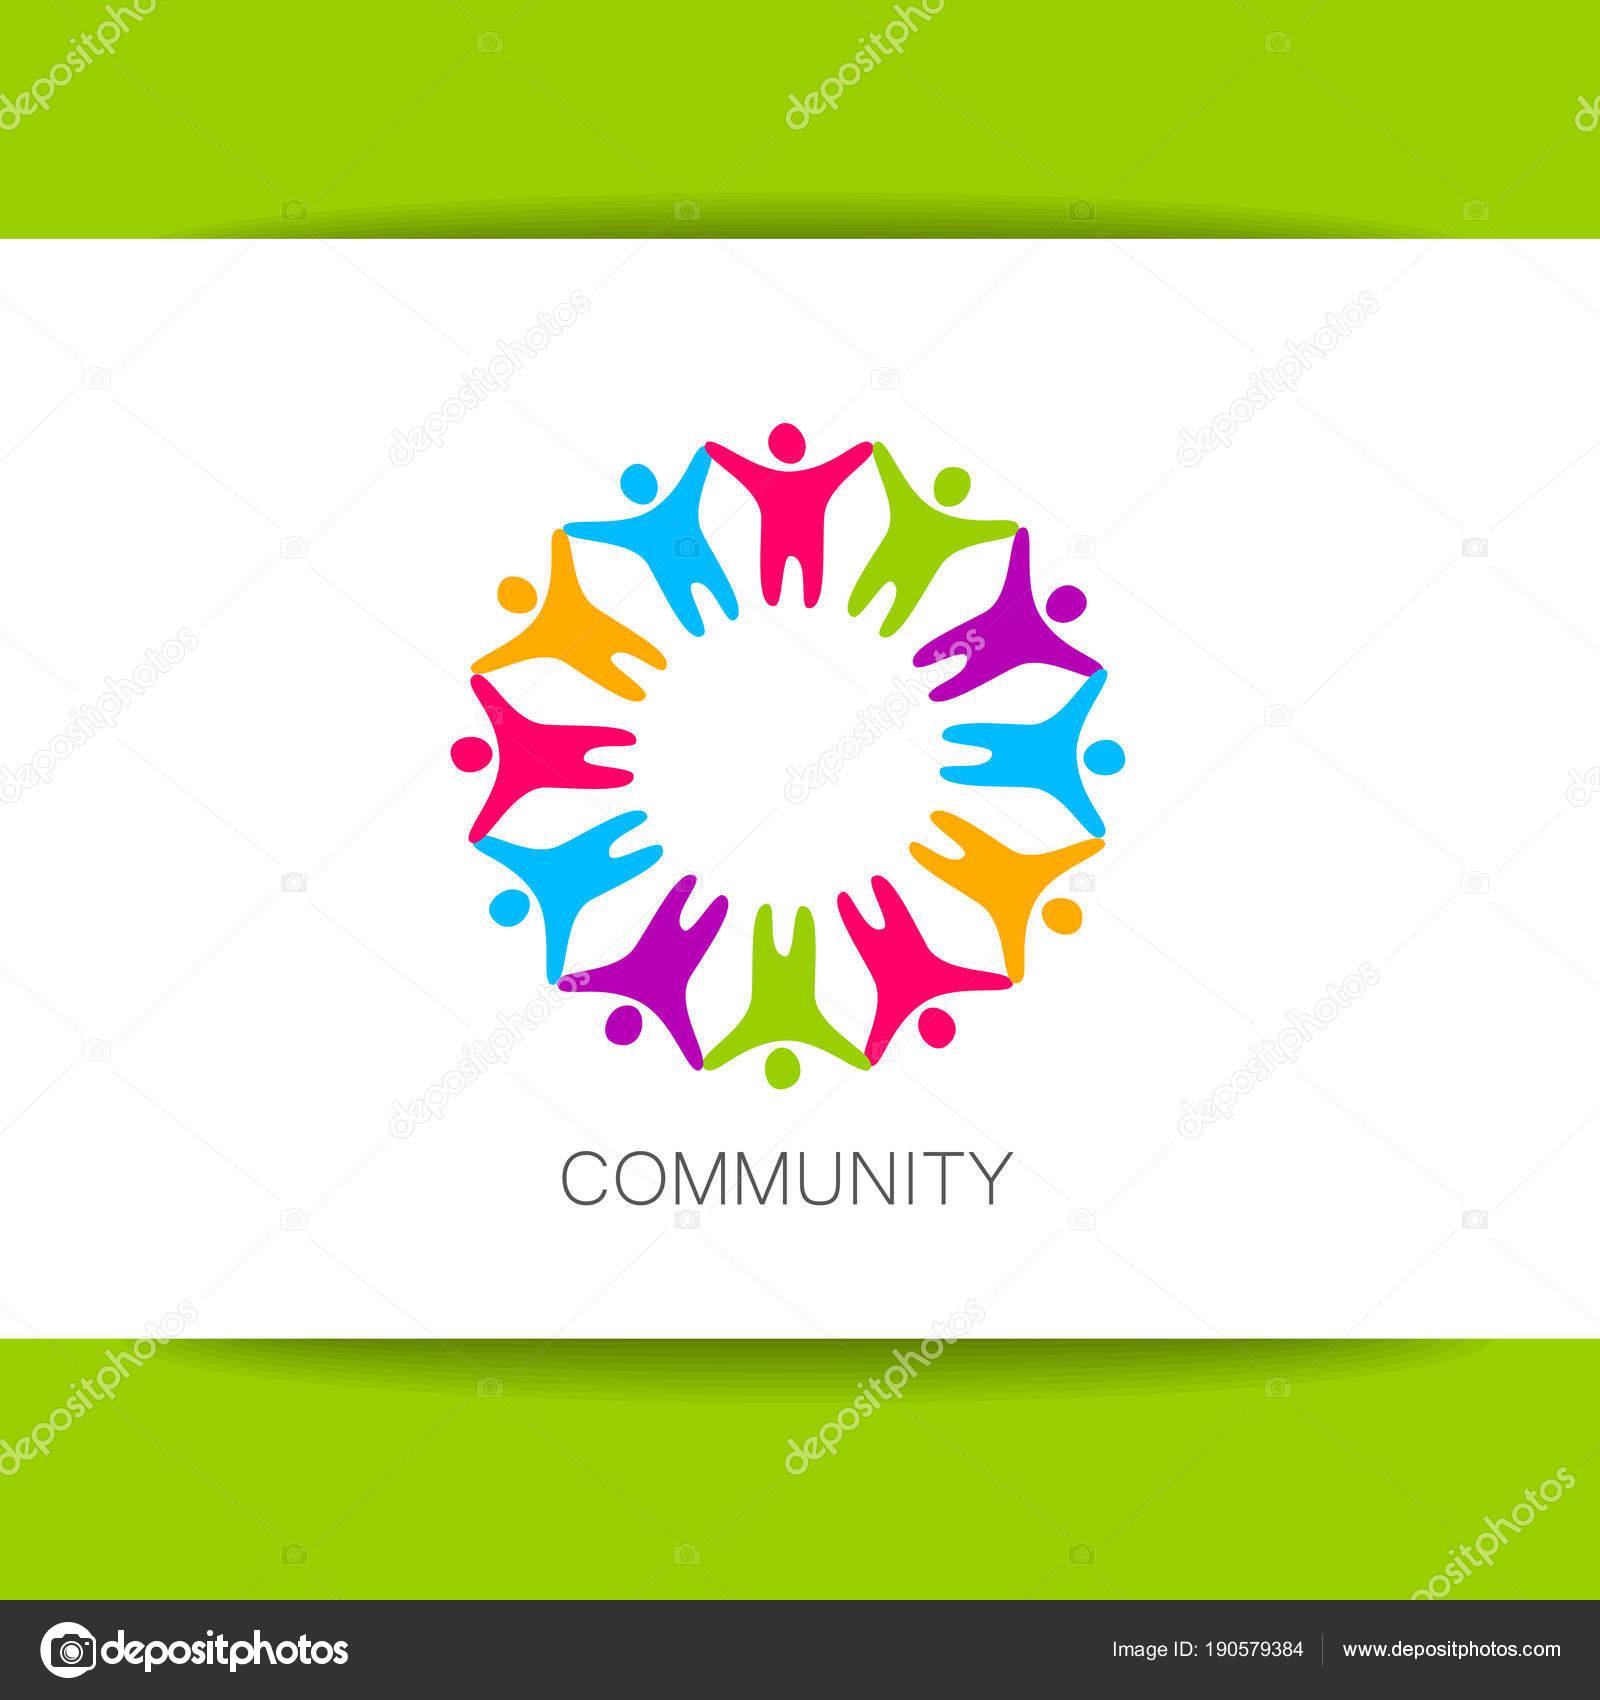 Fein Community Aktionsplan Vorlage Bilder - Entry Level Resume ...